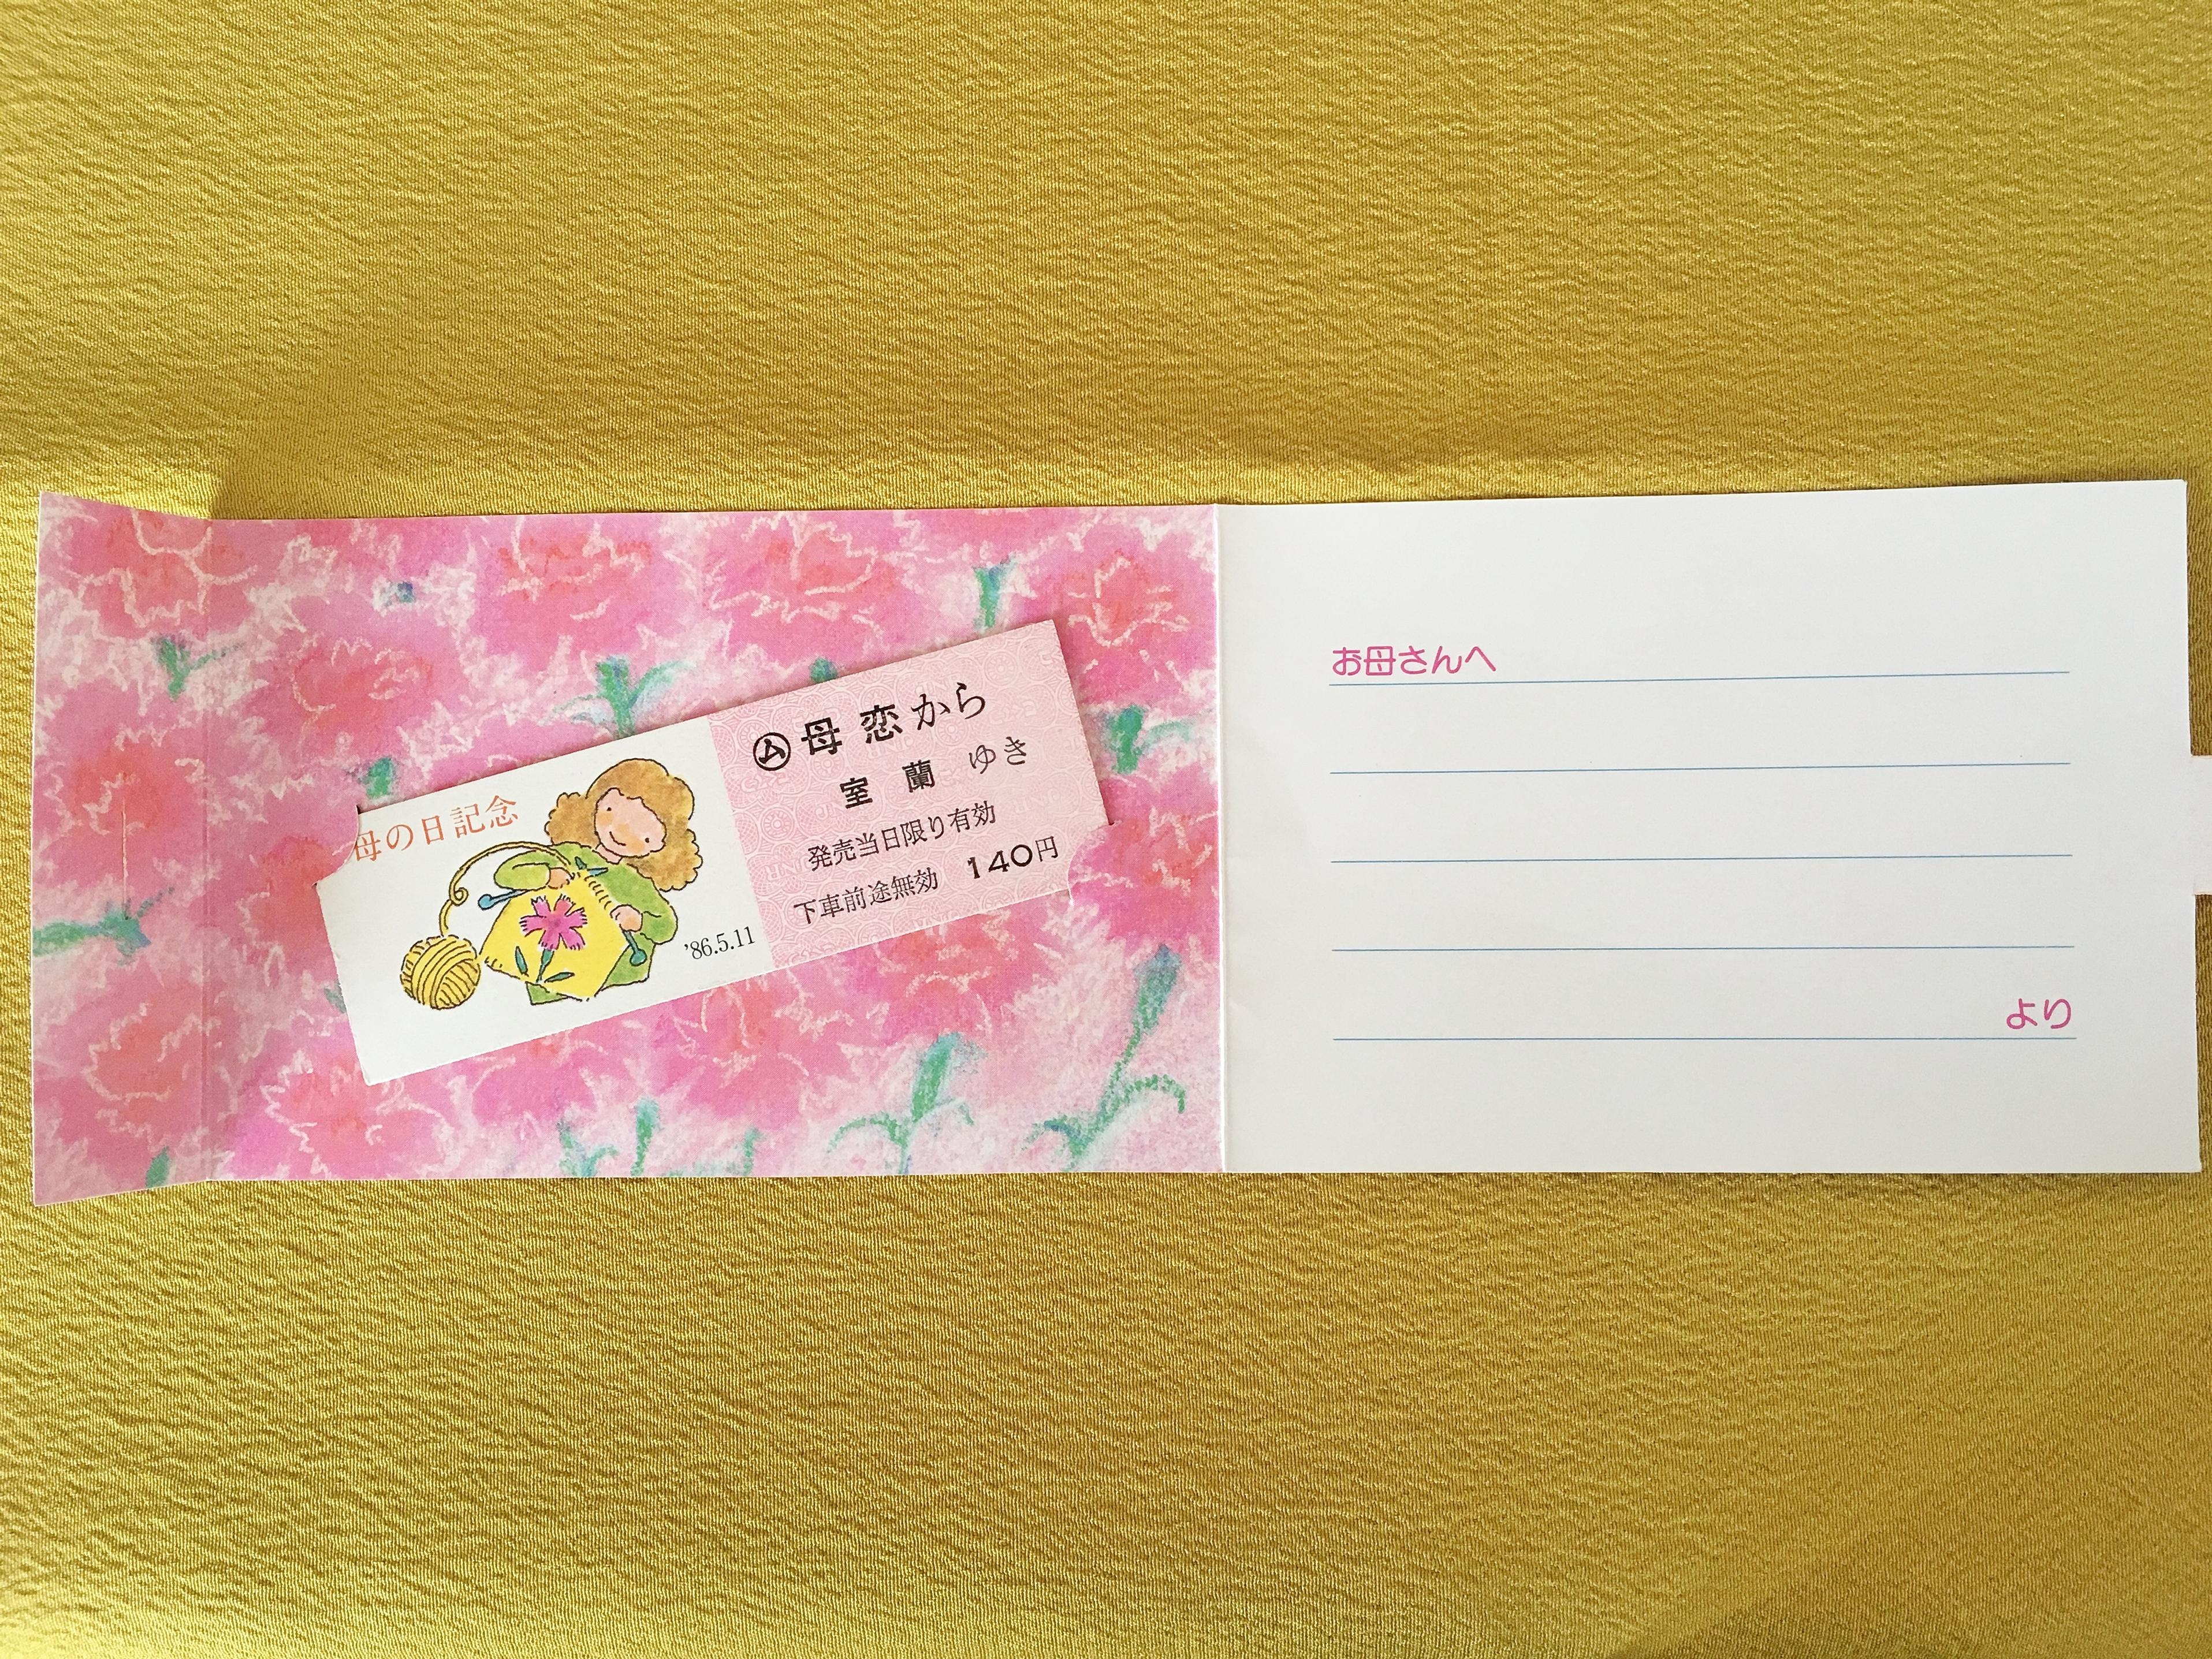 母恋駅 母の日記念入場券 of Y1986 オープン.JPG